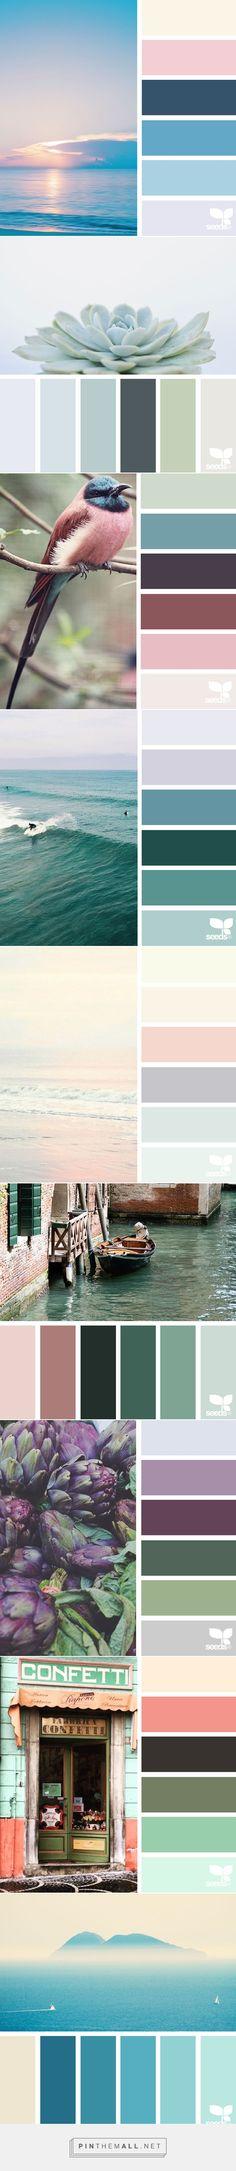 「芸術は自然から学べ!」 自然から抽出したカラーパレットが、想像以上に美しい件 後編:(*゚∀゚)ゞカガ��... - a grouped images picture - Pin Them All